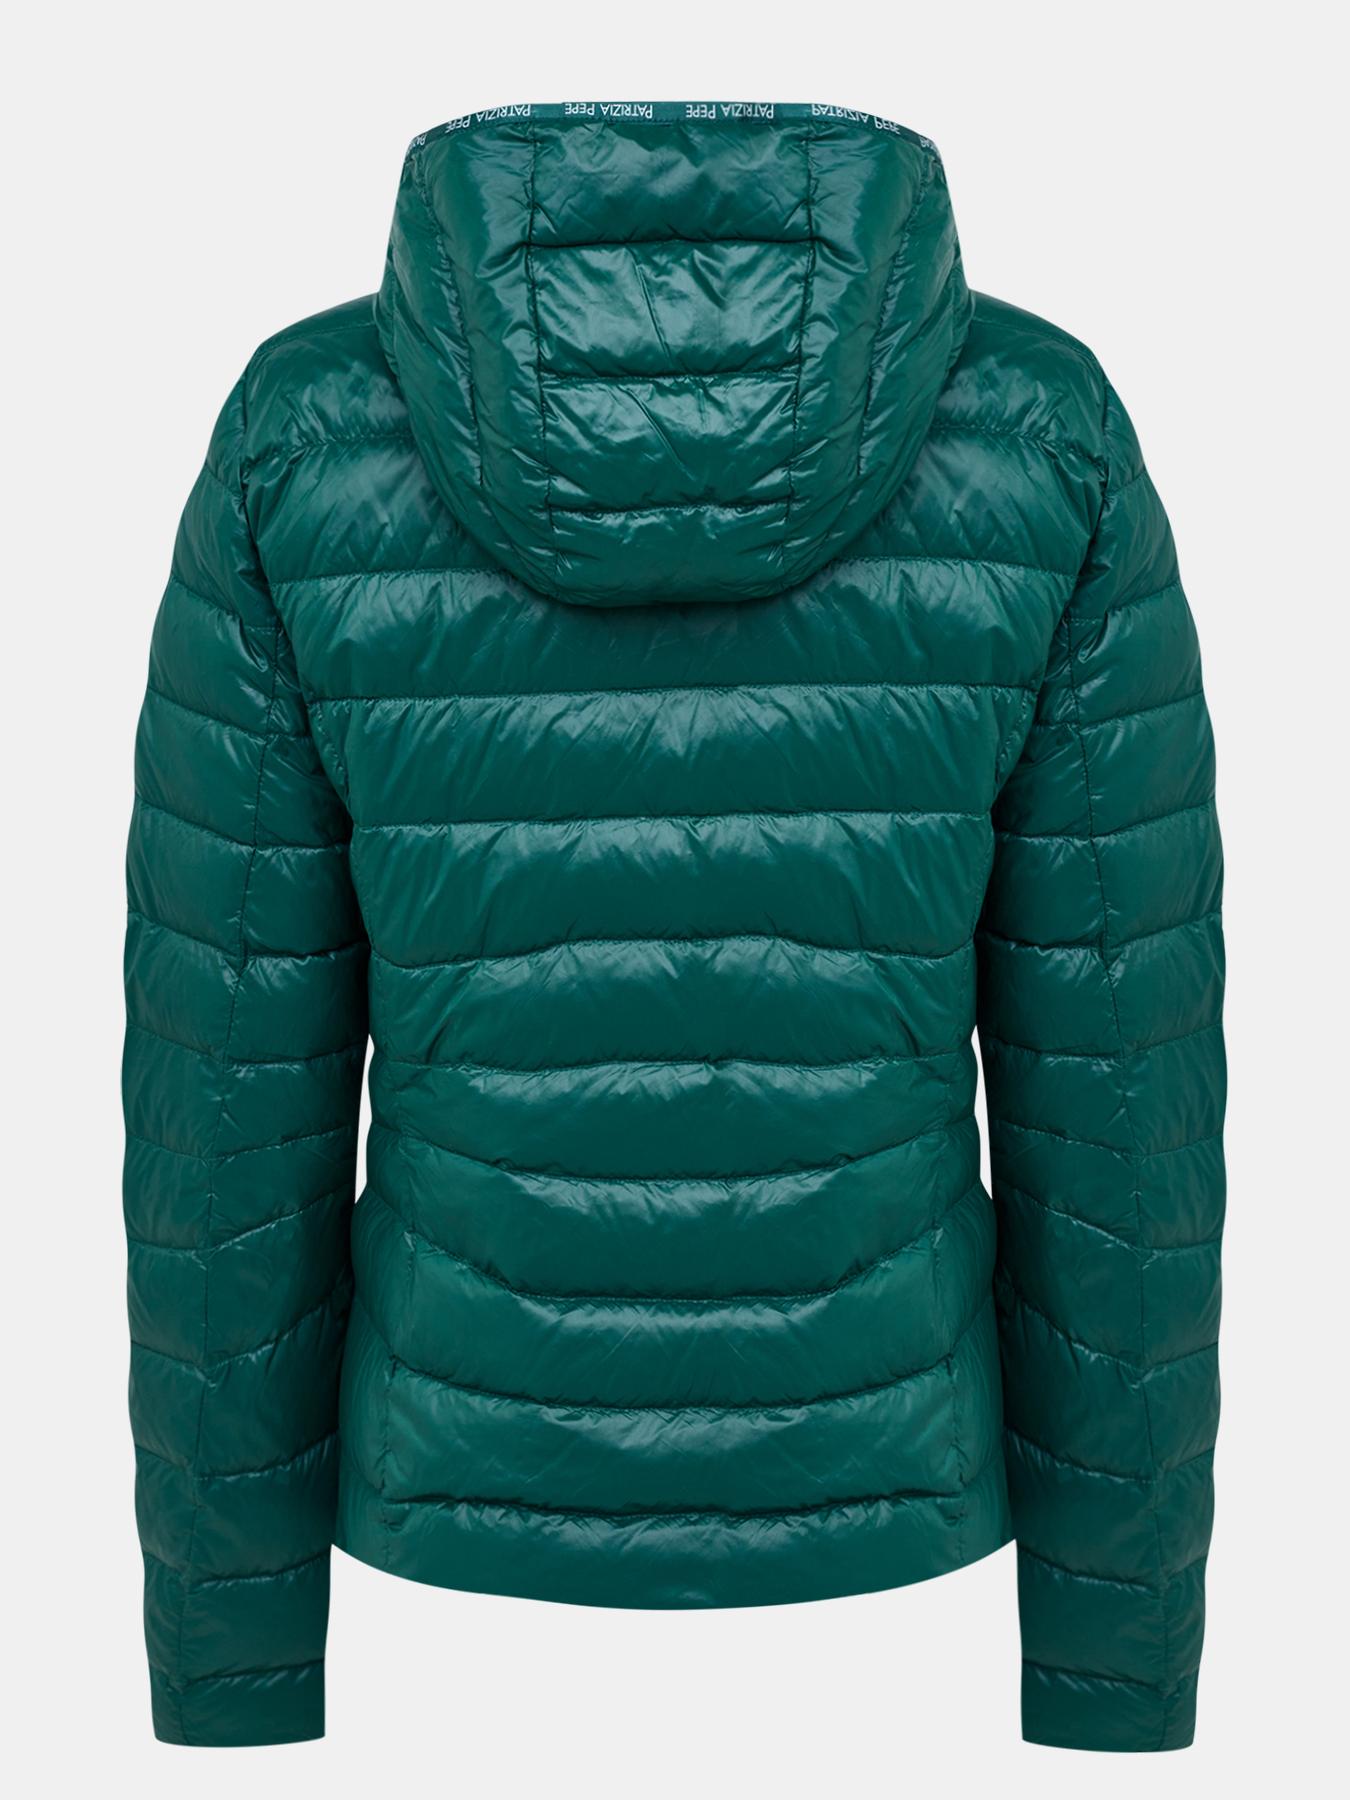 Куртка Patrizia Pepe Куртка с капюшоном куртка patrizia pepe 8l0210 a2hs k103